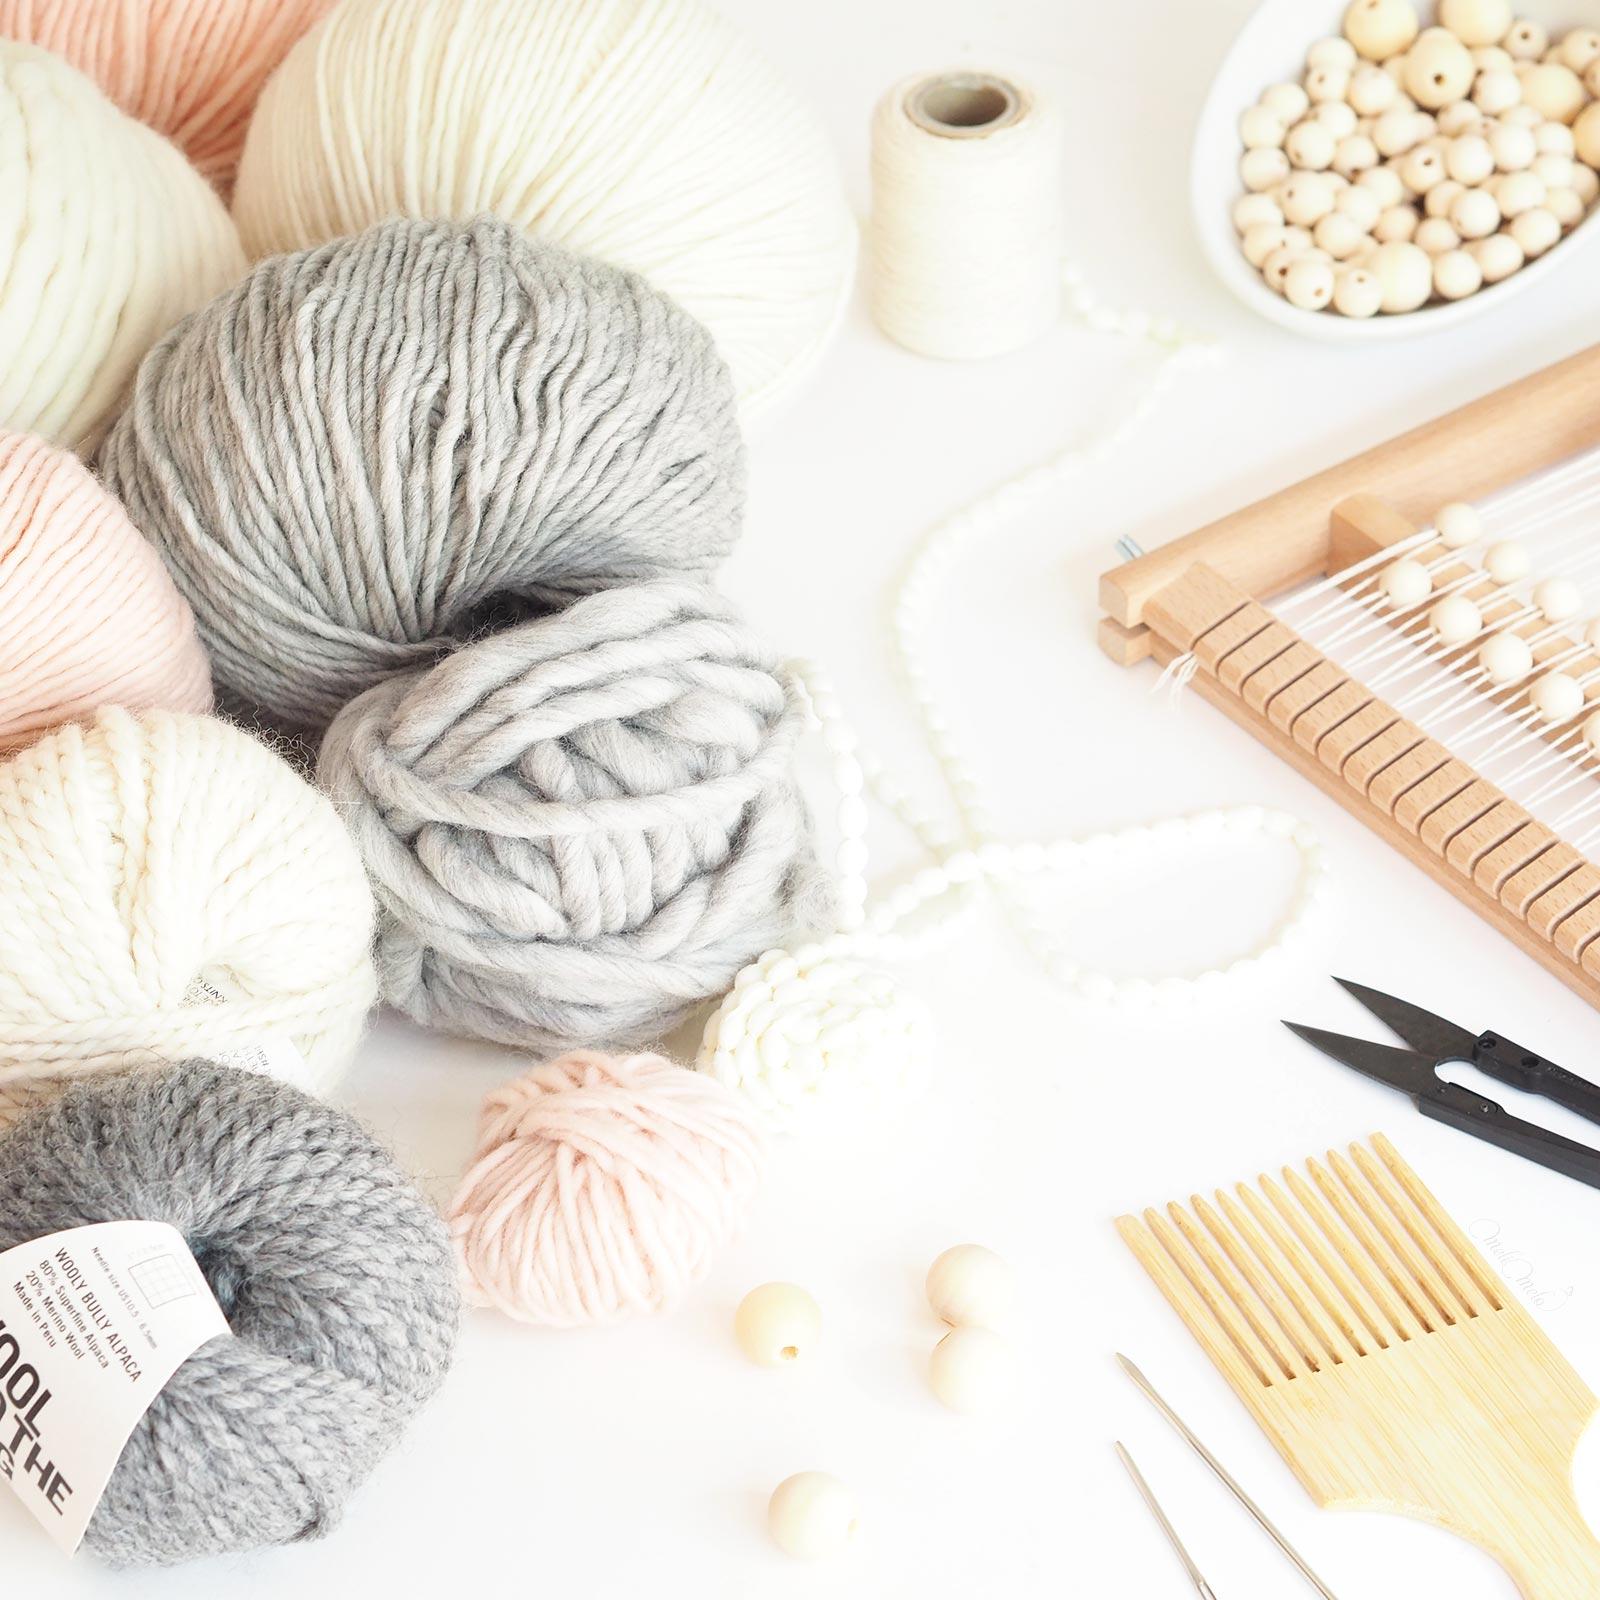 choix des matières tissage perles bois laine plassard woolandthegang handweaving laboutiquedemelimelo